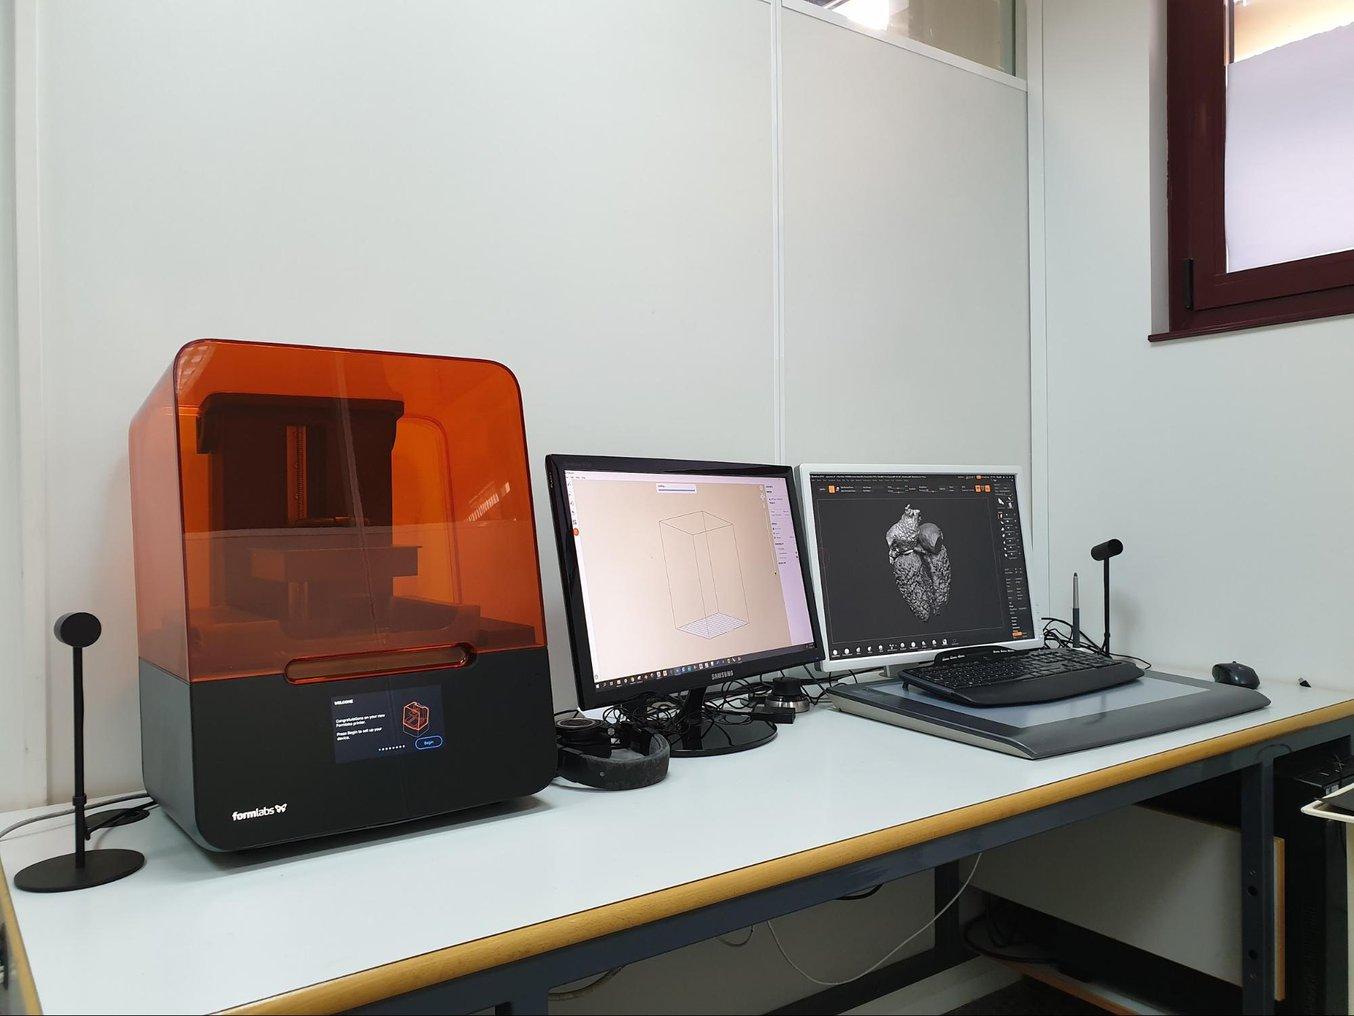 Das Labor besteht aus drei unabhängigen und spezialisierten Räumen. Im Designreinraum befinden sich die Desktop-3D-Drucker inklusive dieses Arbeitsplatzes mit dem SLA-Drucker Form 3.